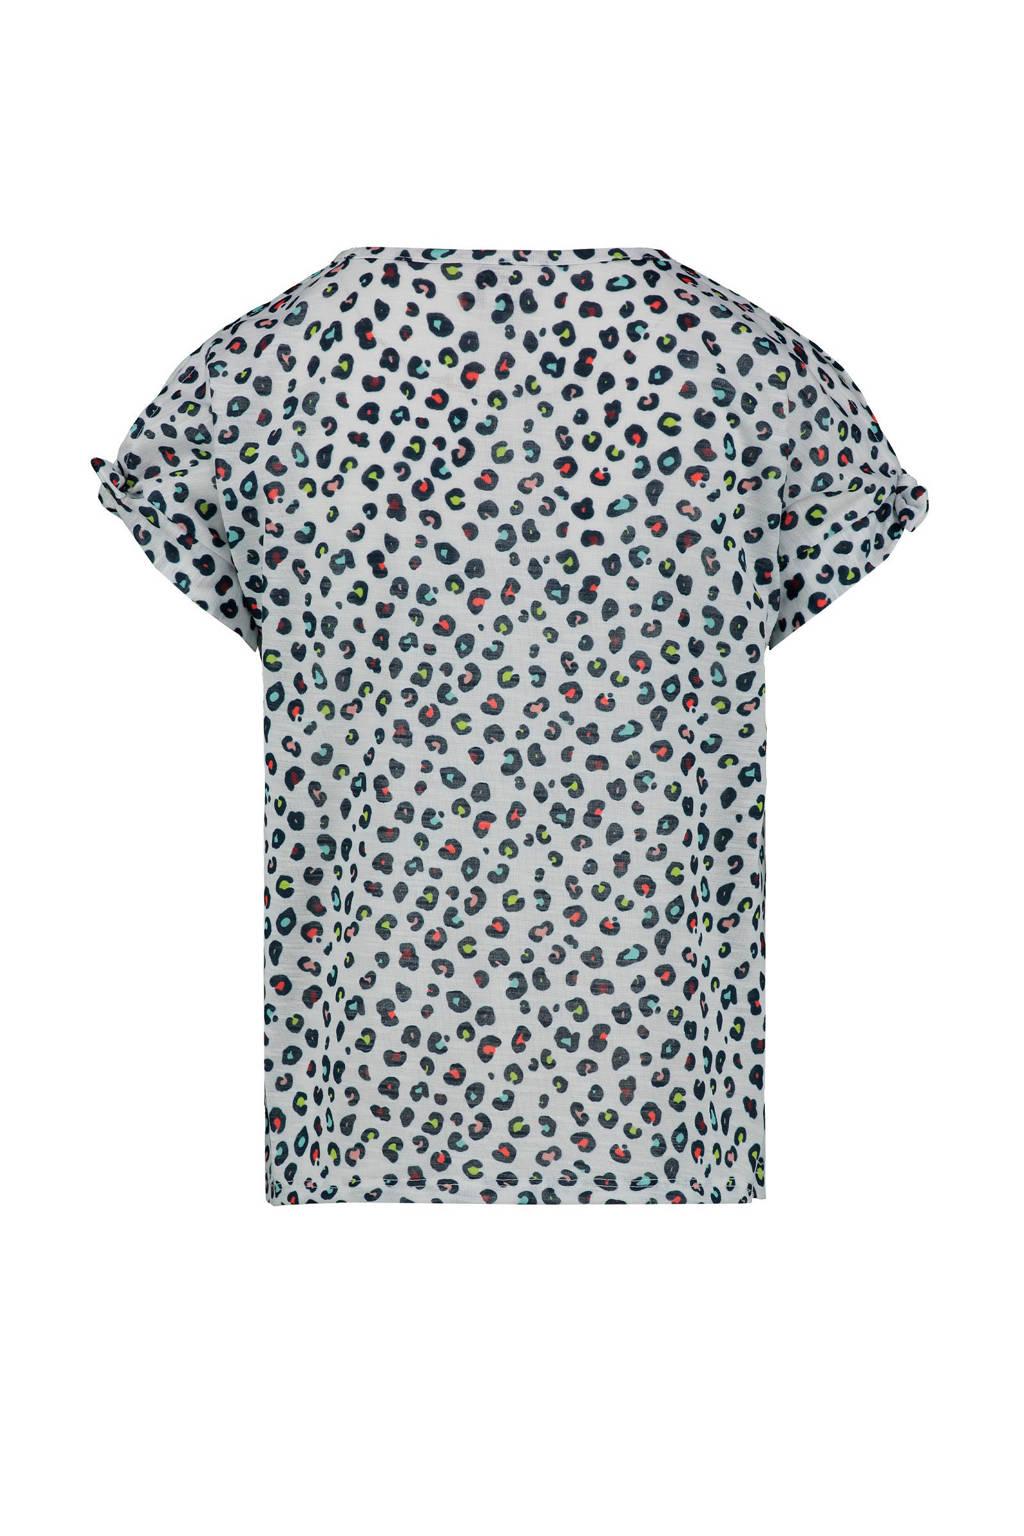 CKS KIDS T-shirt Irene met panterprint lichtblauw/antraciet/rood, Lichtblauw/antraciet/rood